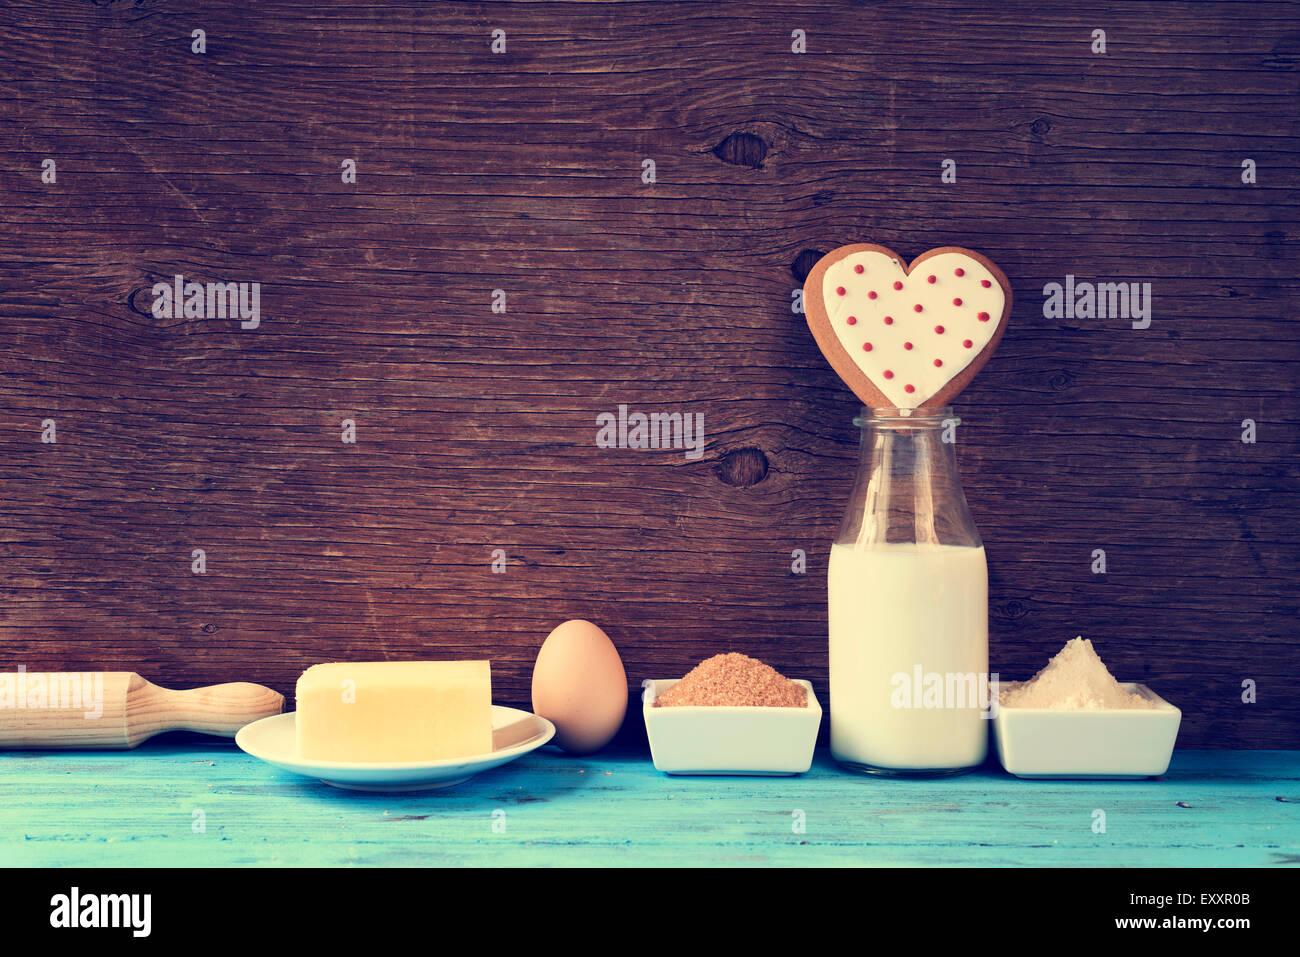 Una galleta con forma de corazón y los ingredientes para cocinar, tales como la leche, los huevos, la harina, Imagen De Stock